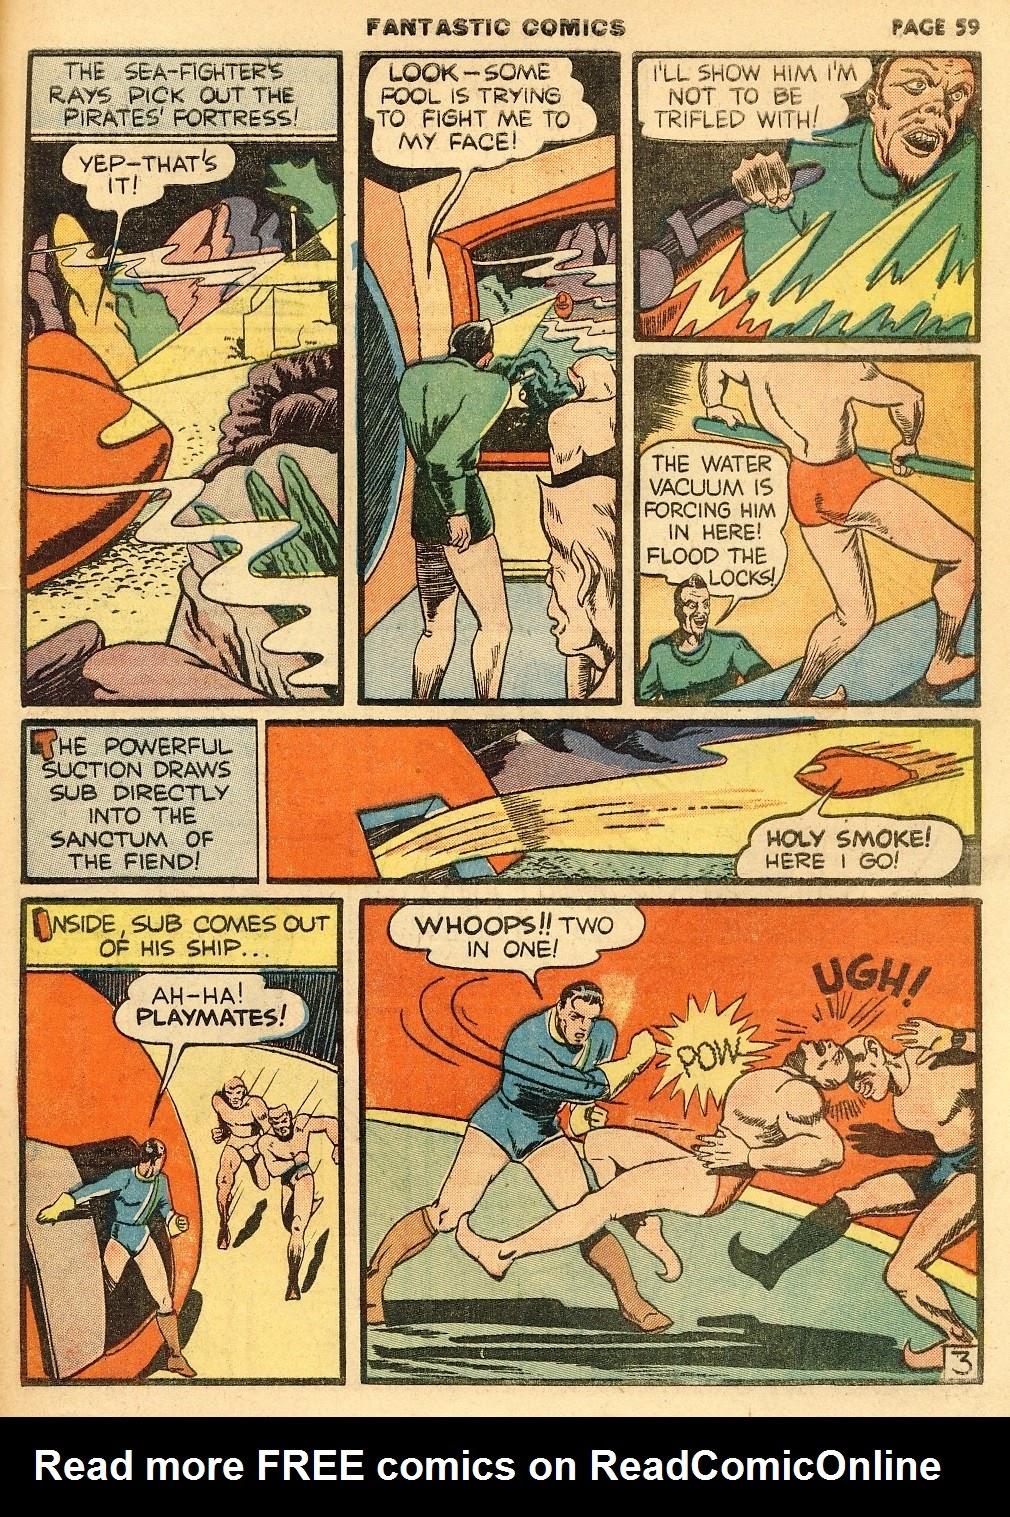 Read online Fantastic Comics comic -  Issue #10 - 60